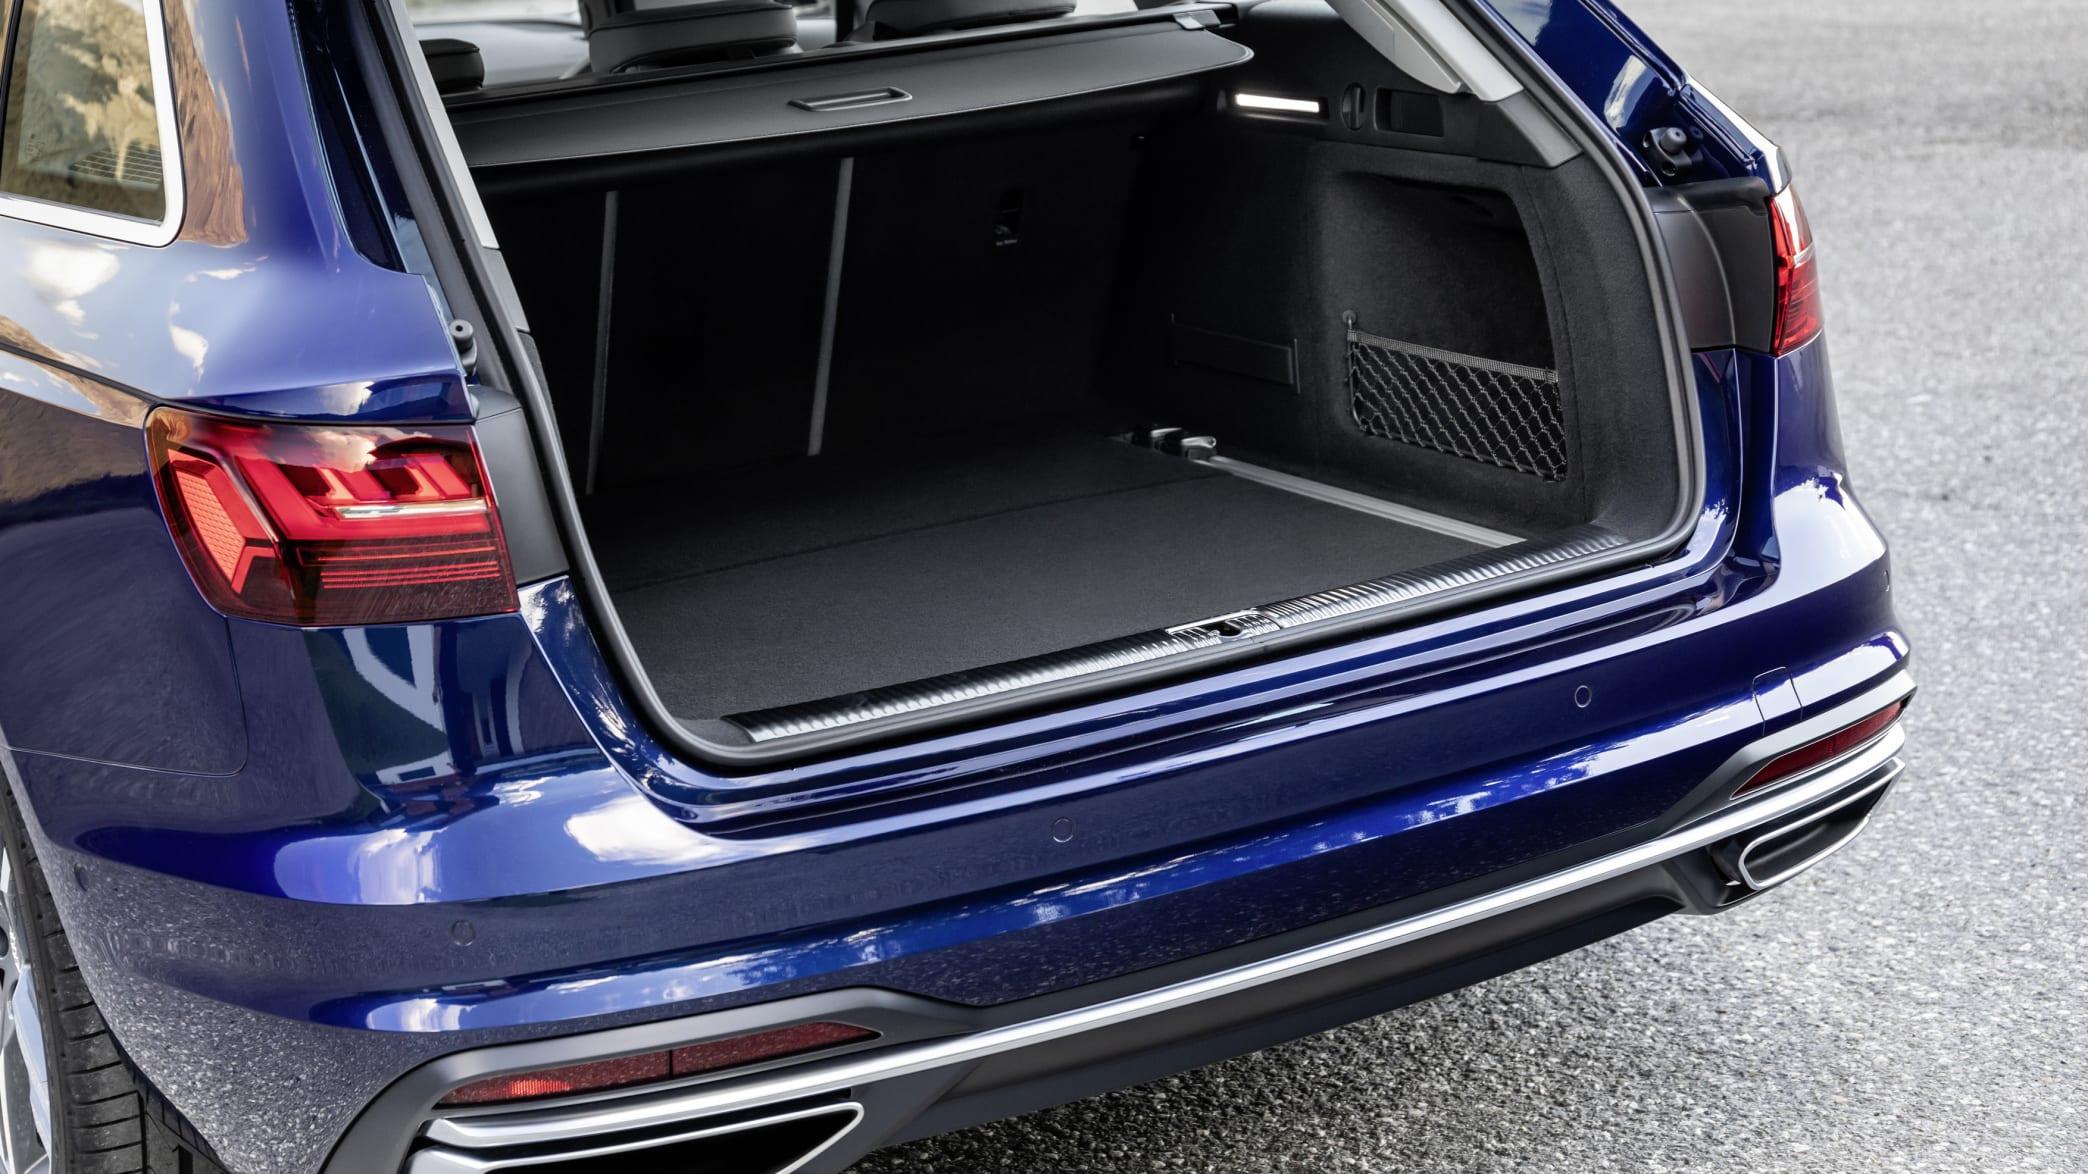 Blick in den Kofferraum des Audi A4 Avant